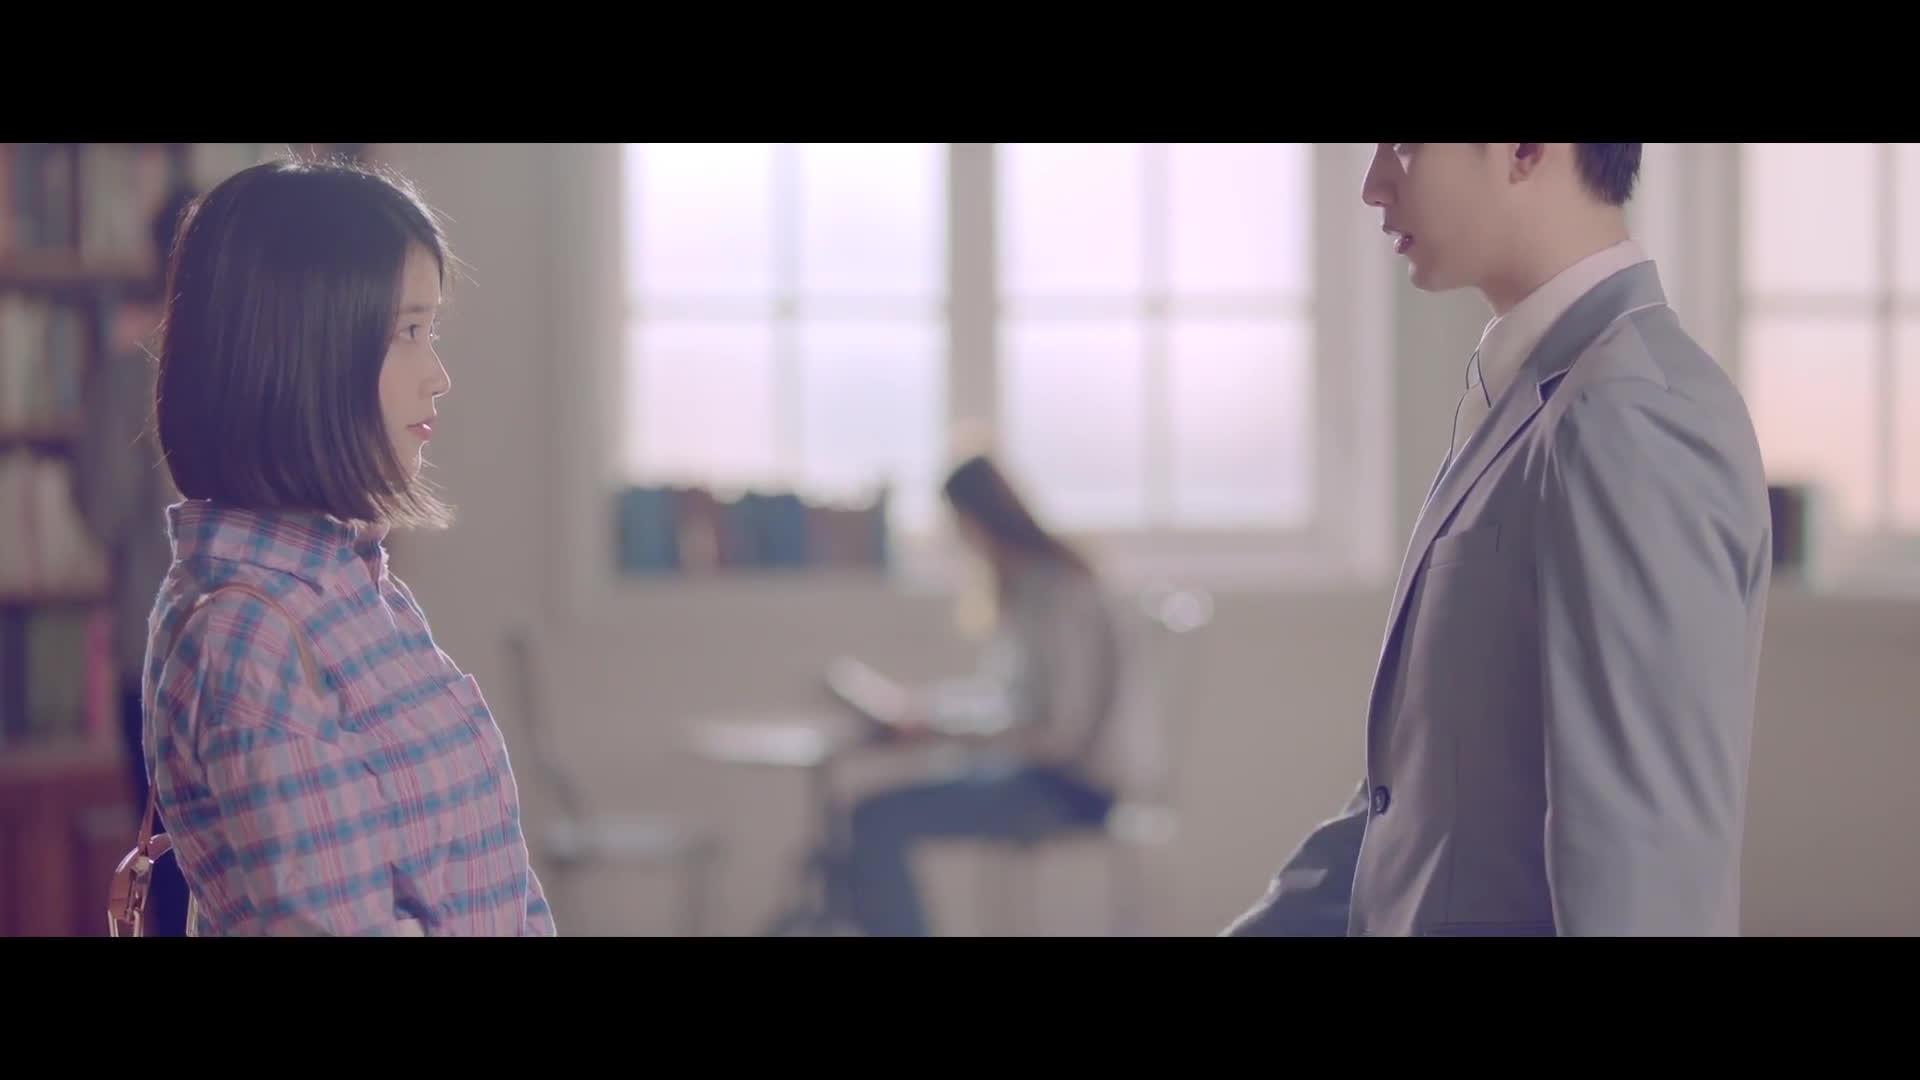 Hết song ca với G-Dragon, IU lại chuẩn bị tung MV đóng cùng Kim Soo Hyun!